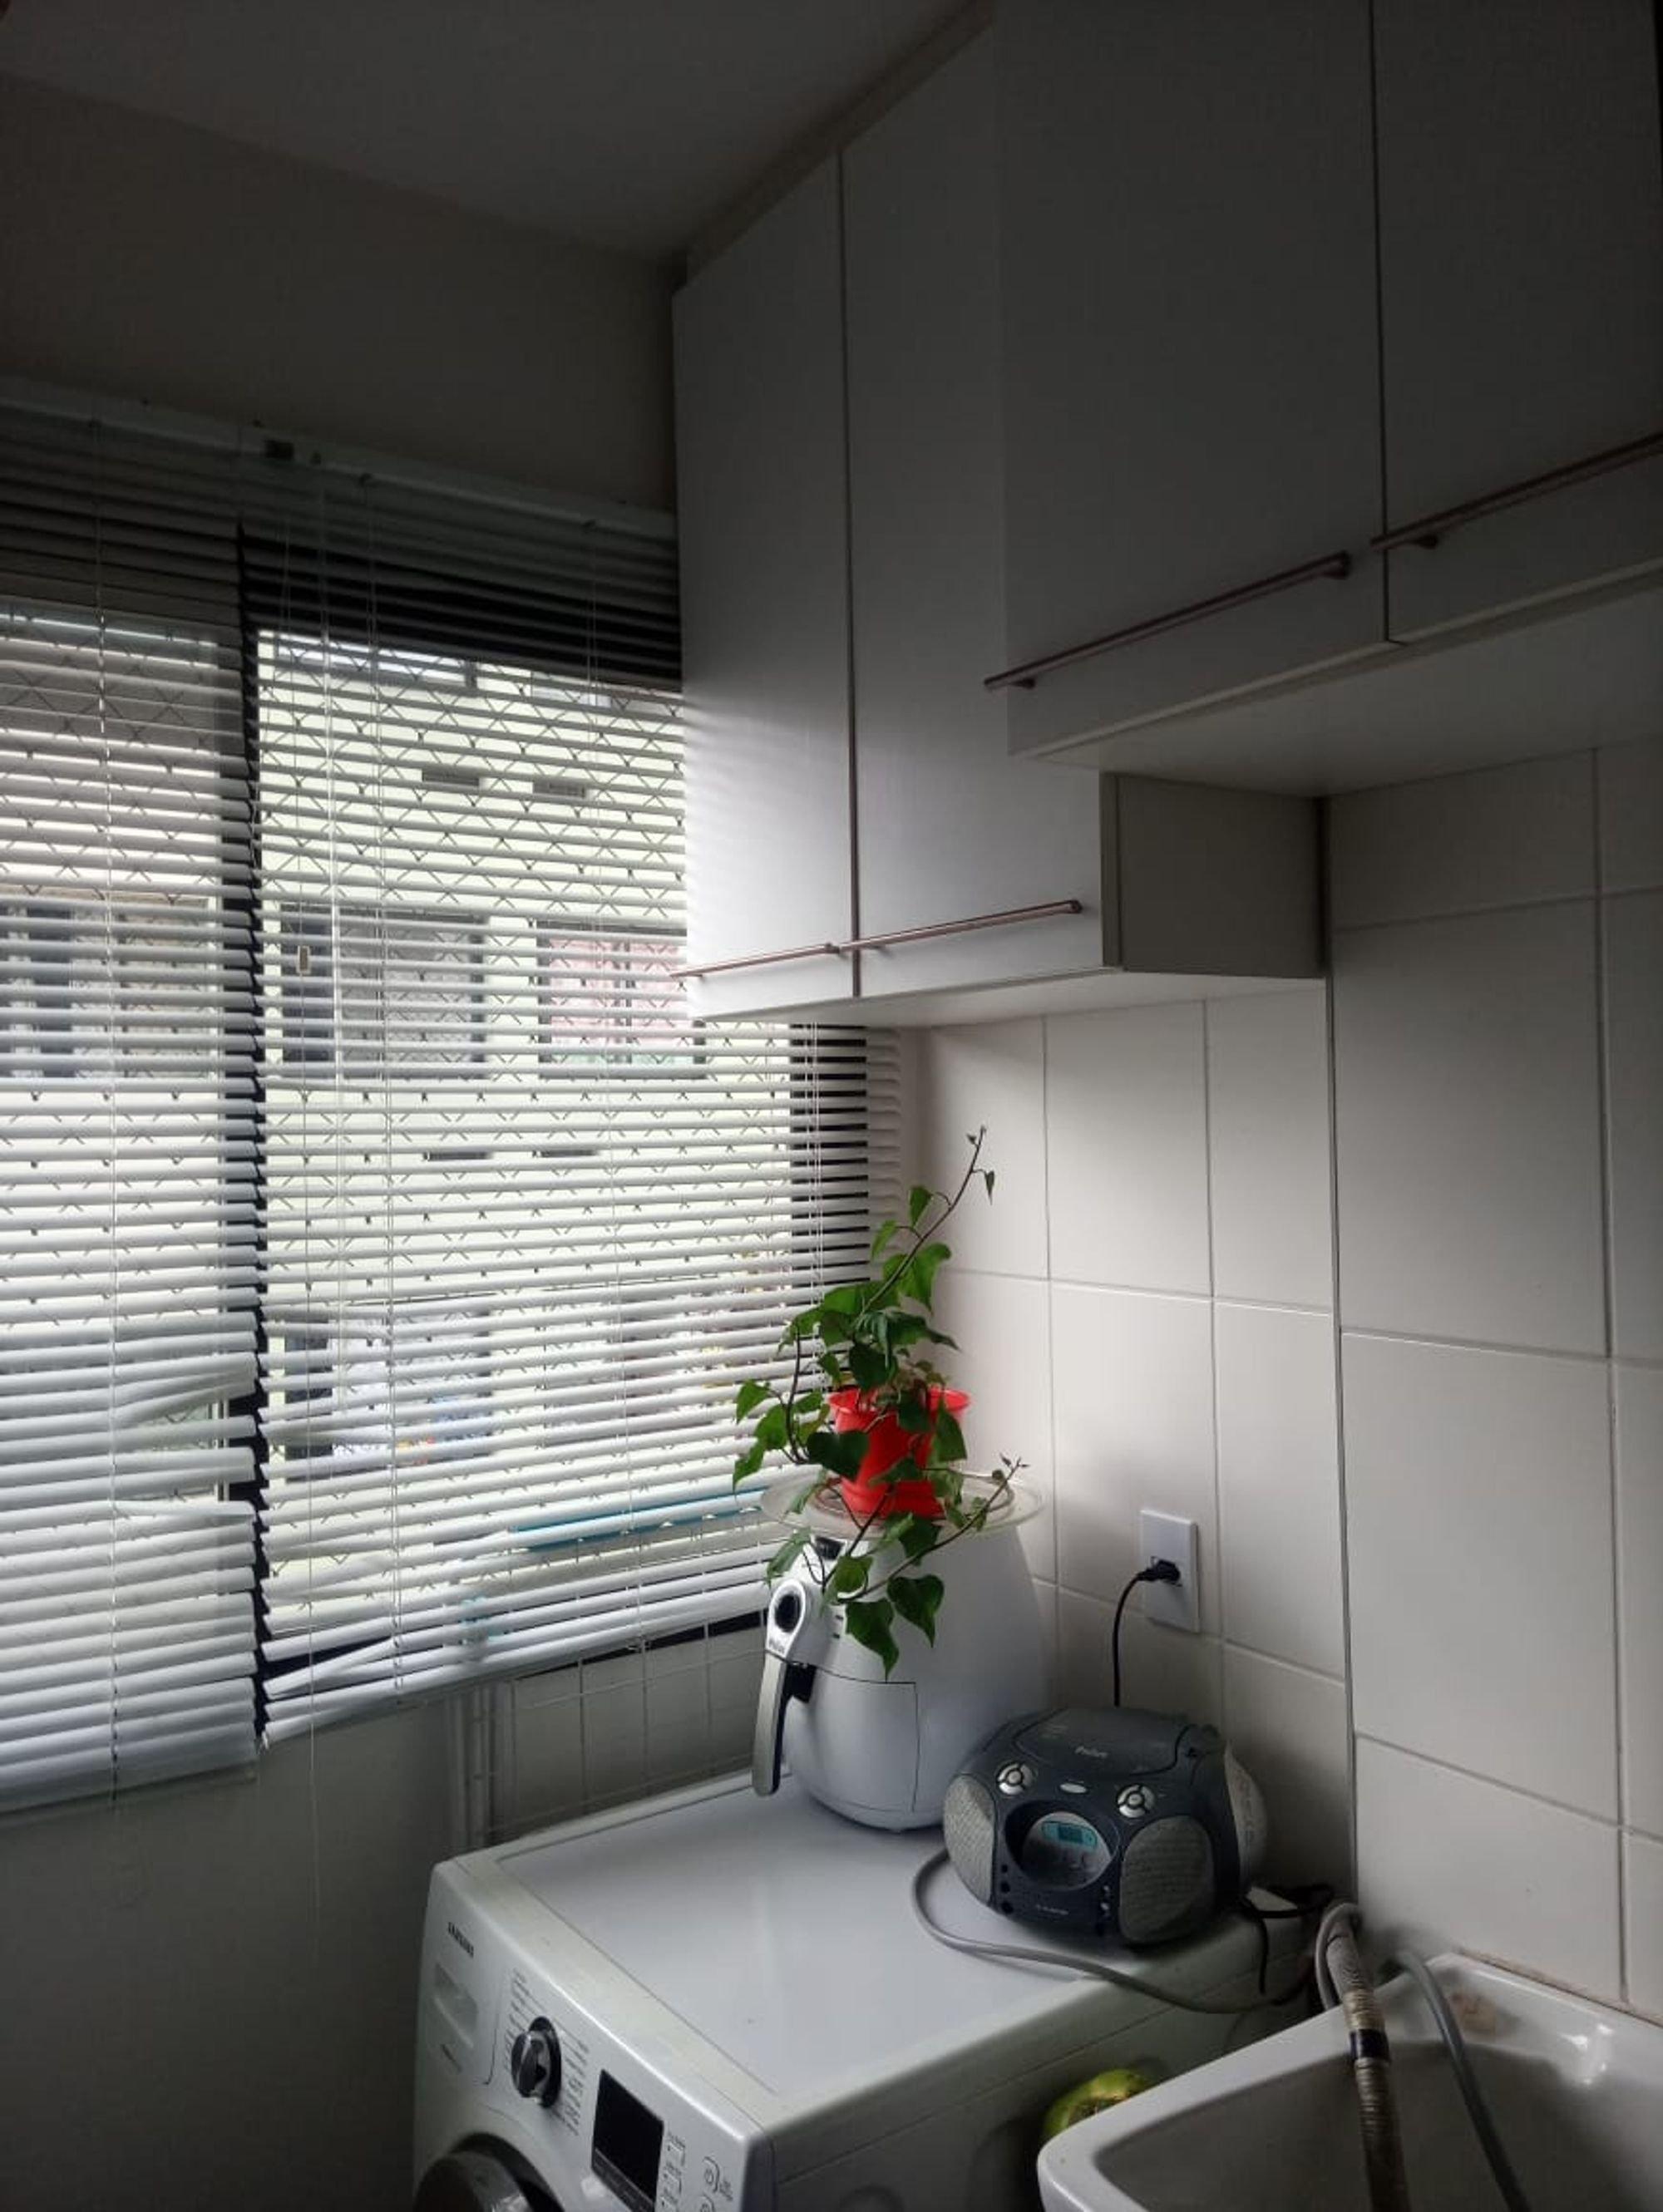 Foto de Lavanderia com vaso de planta, pia